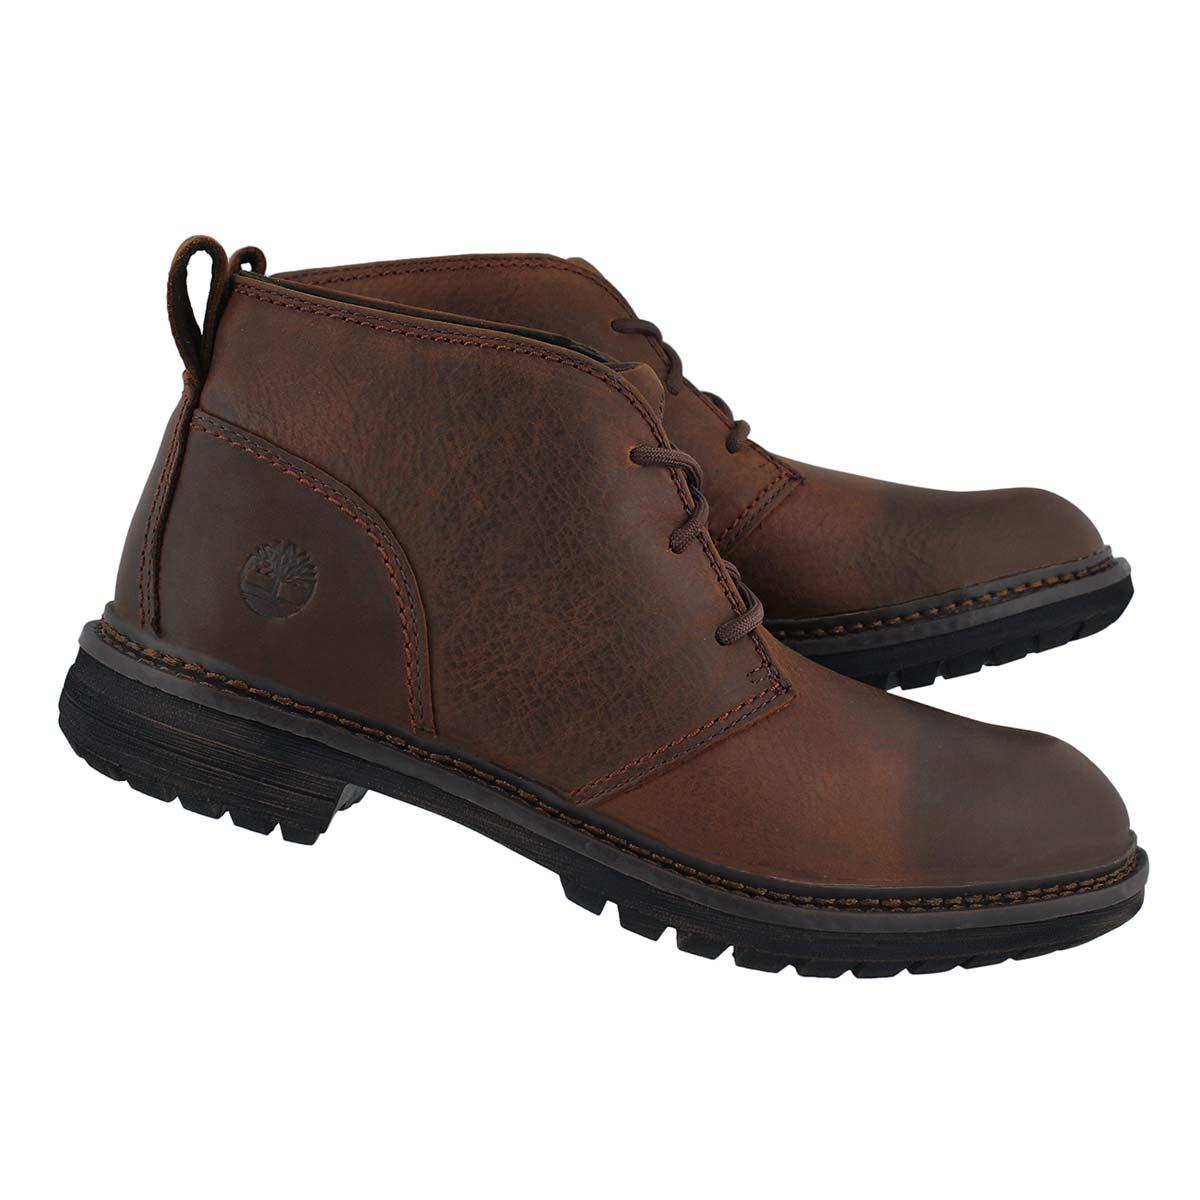 Mns Logan Bay brown chukka boot